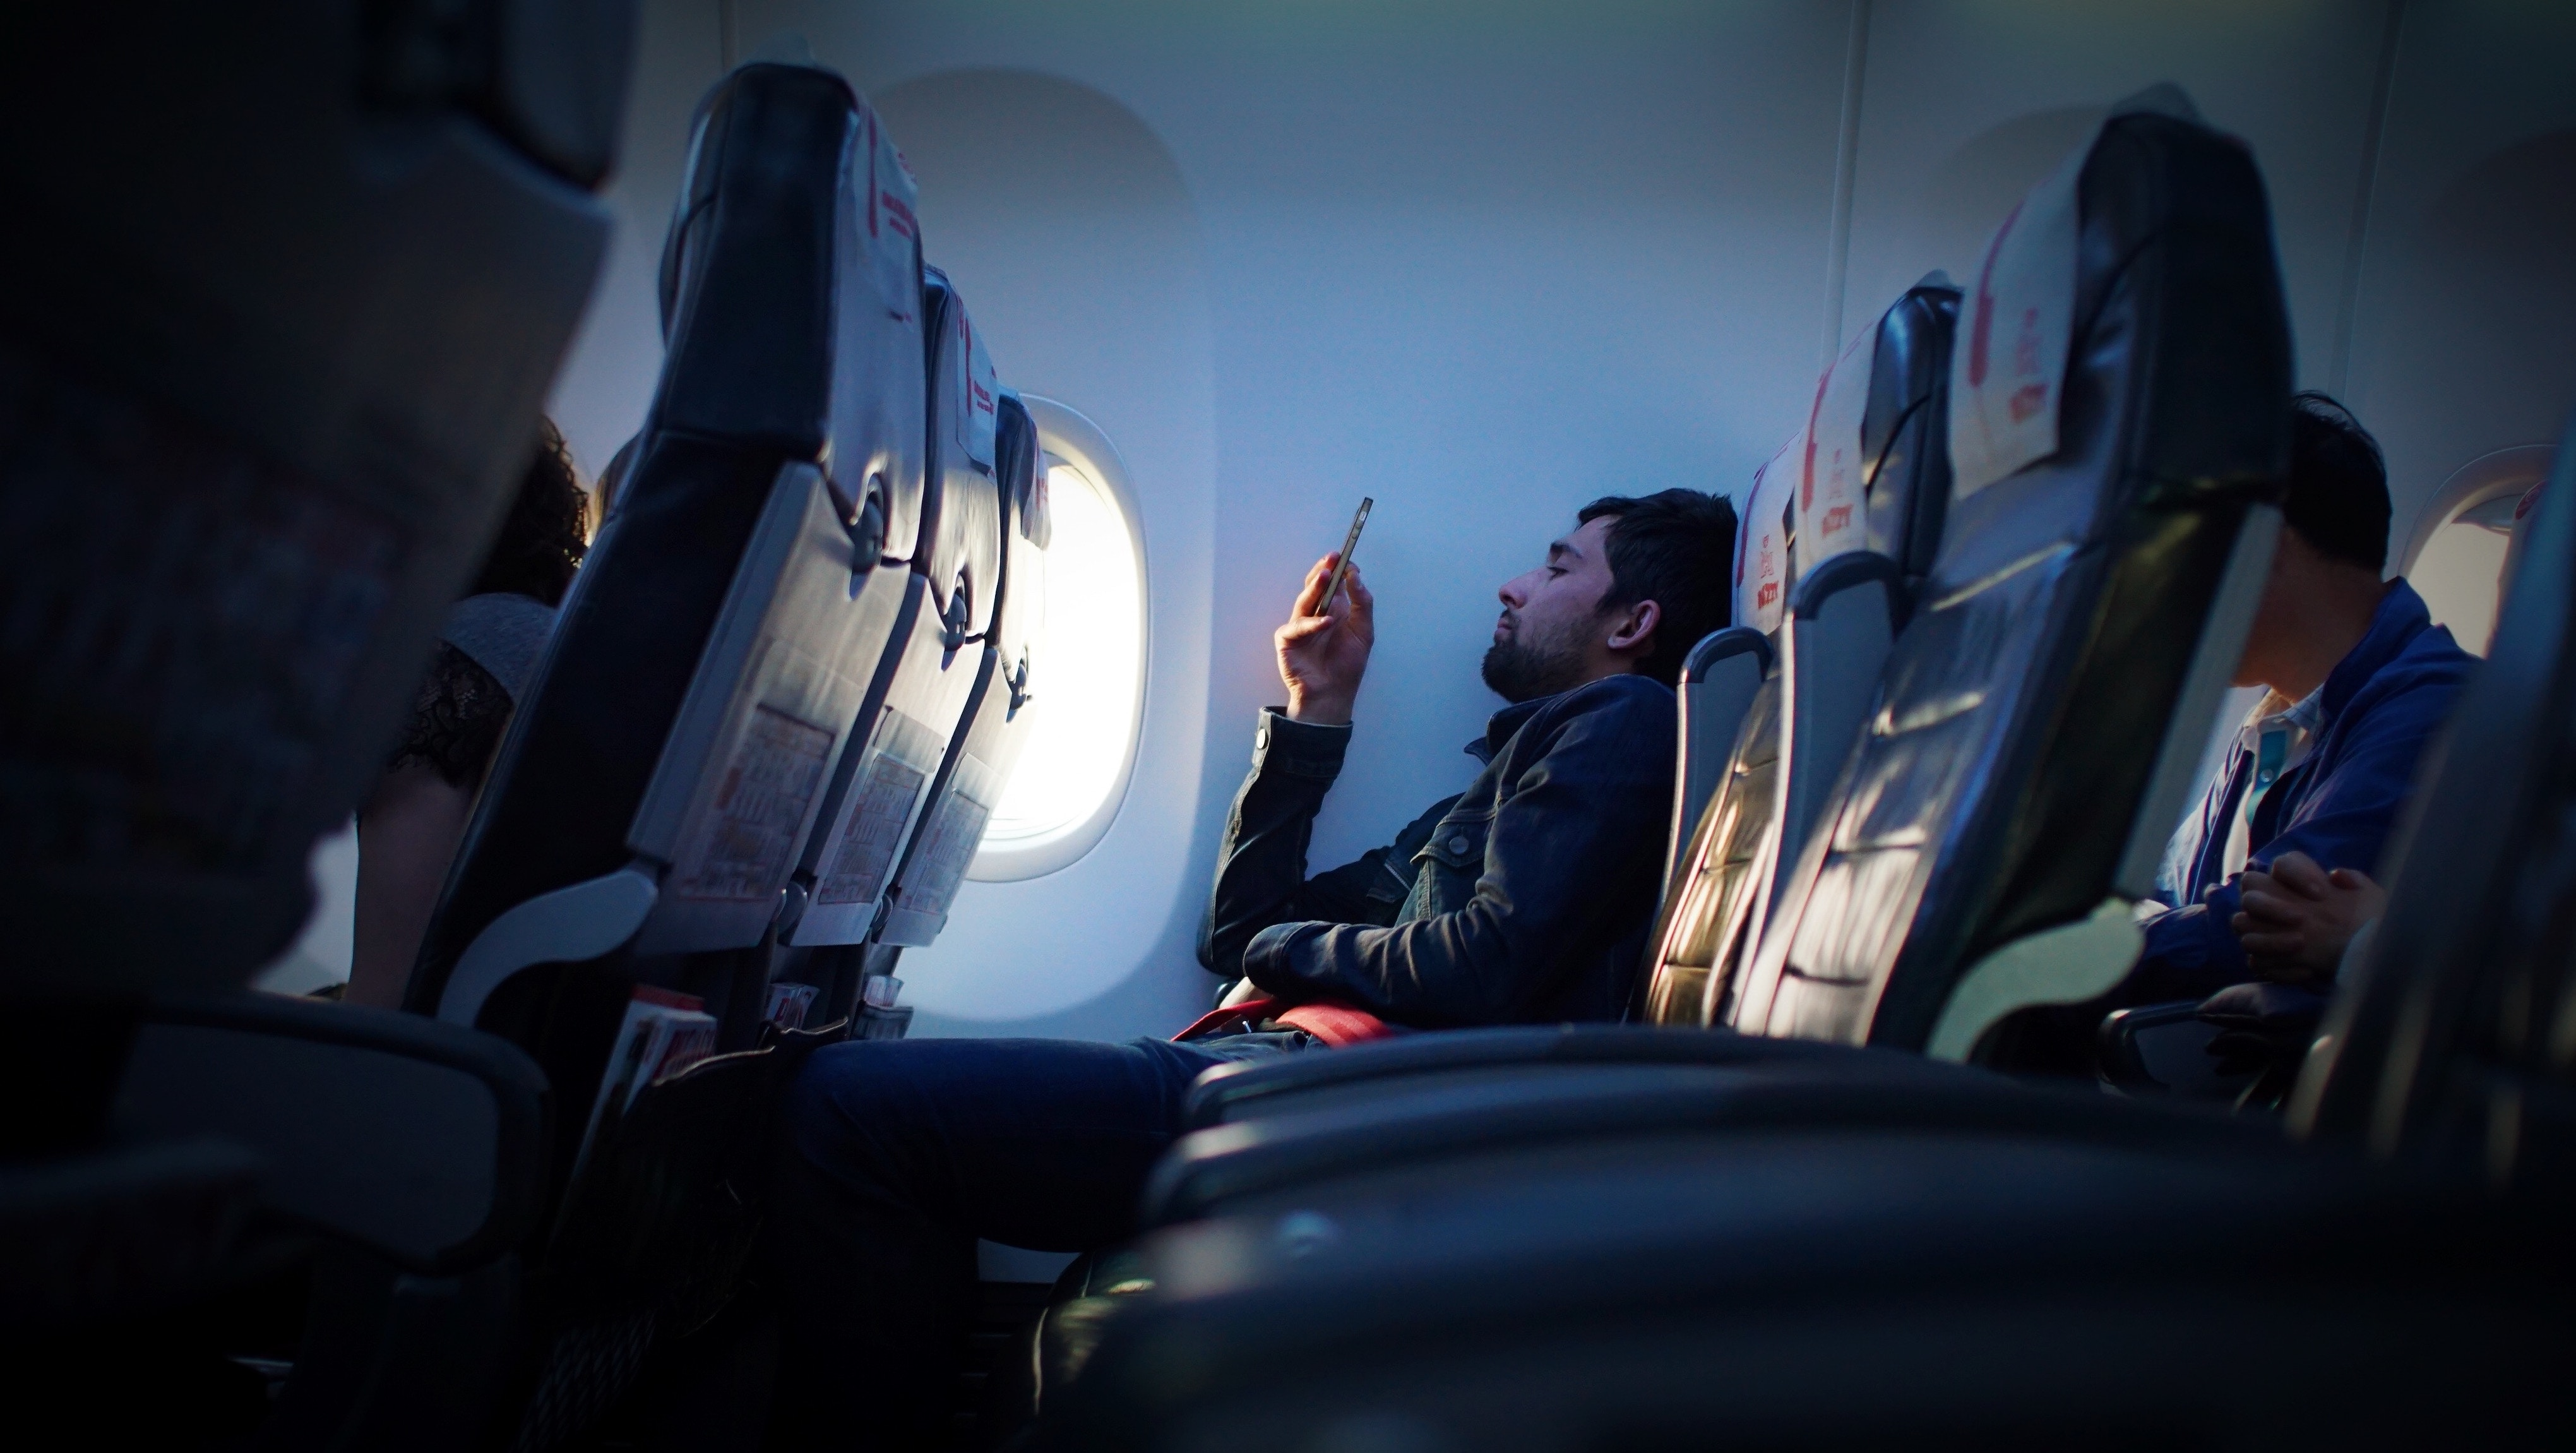 ghét trên máy bay